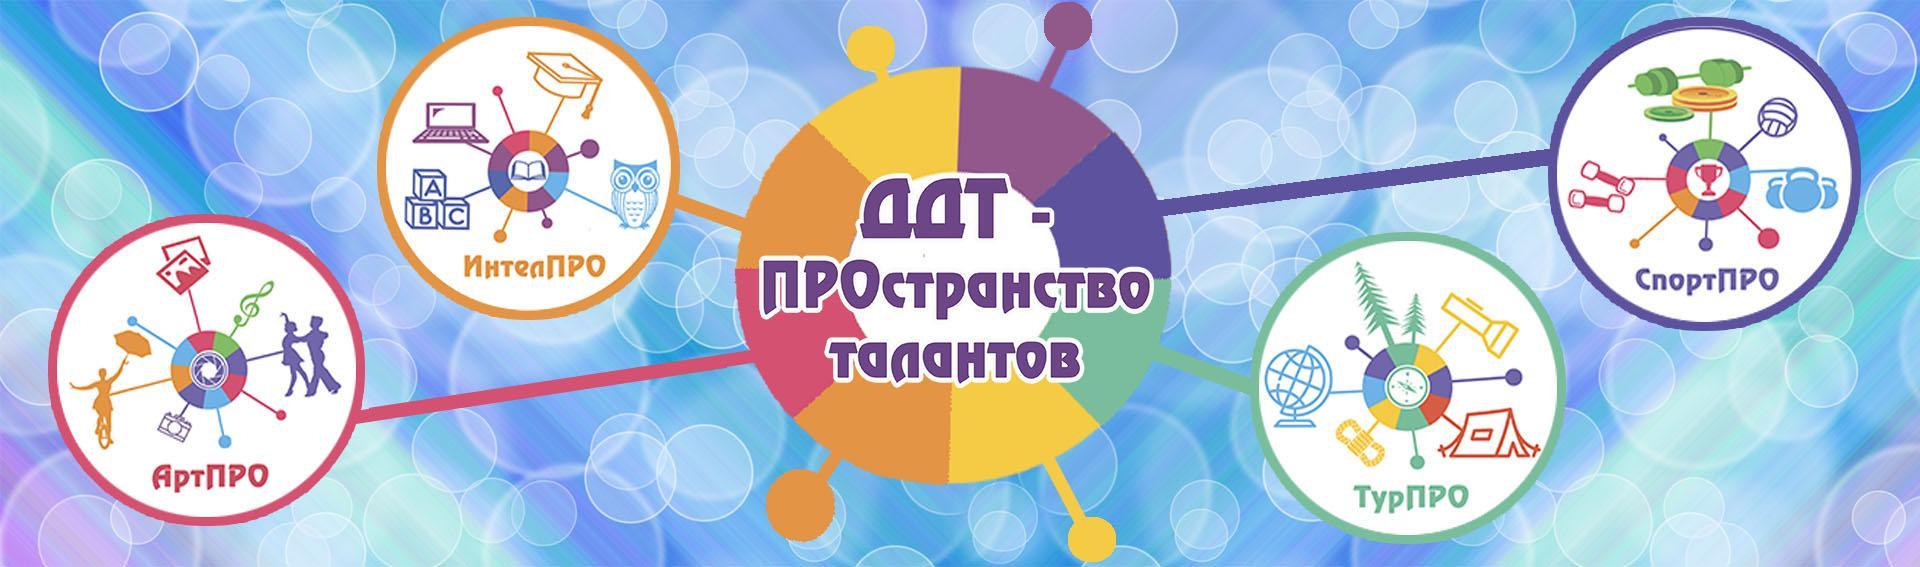 МБУ ДО Дом детского творчества Логотип